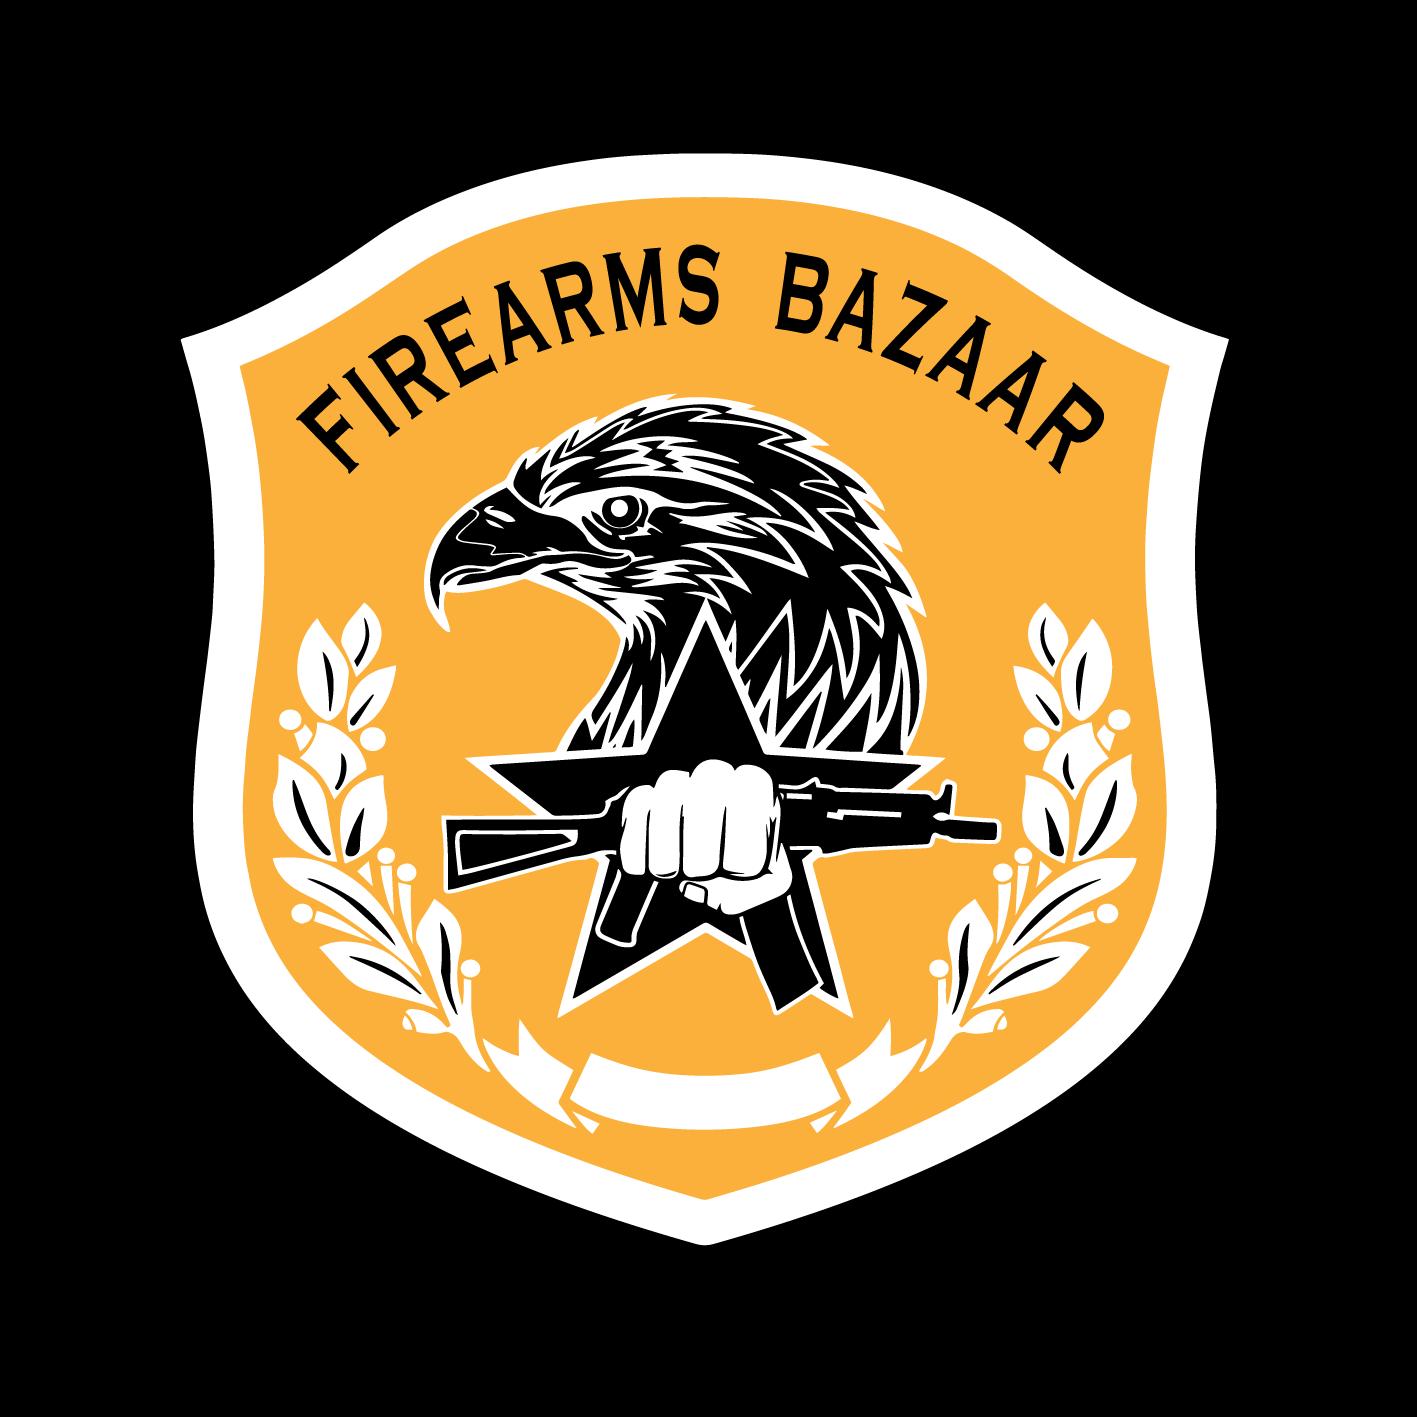 Firearms Bazaar